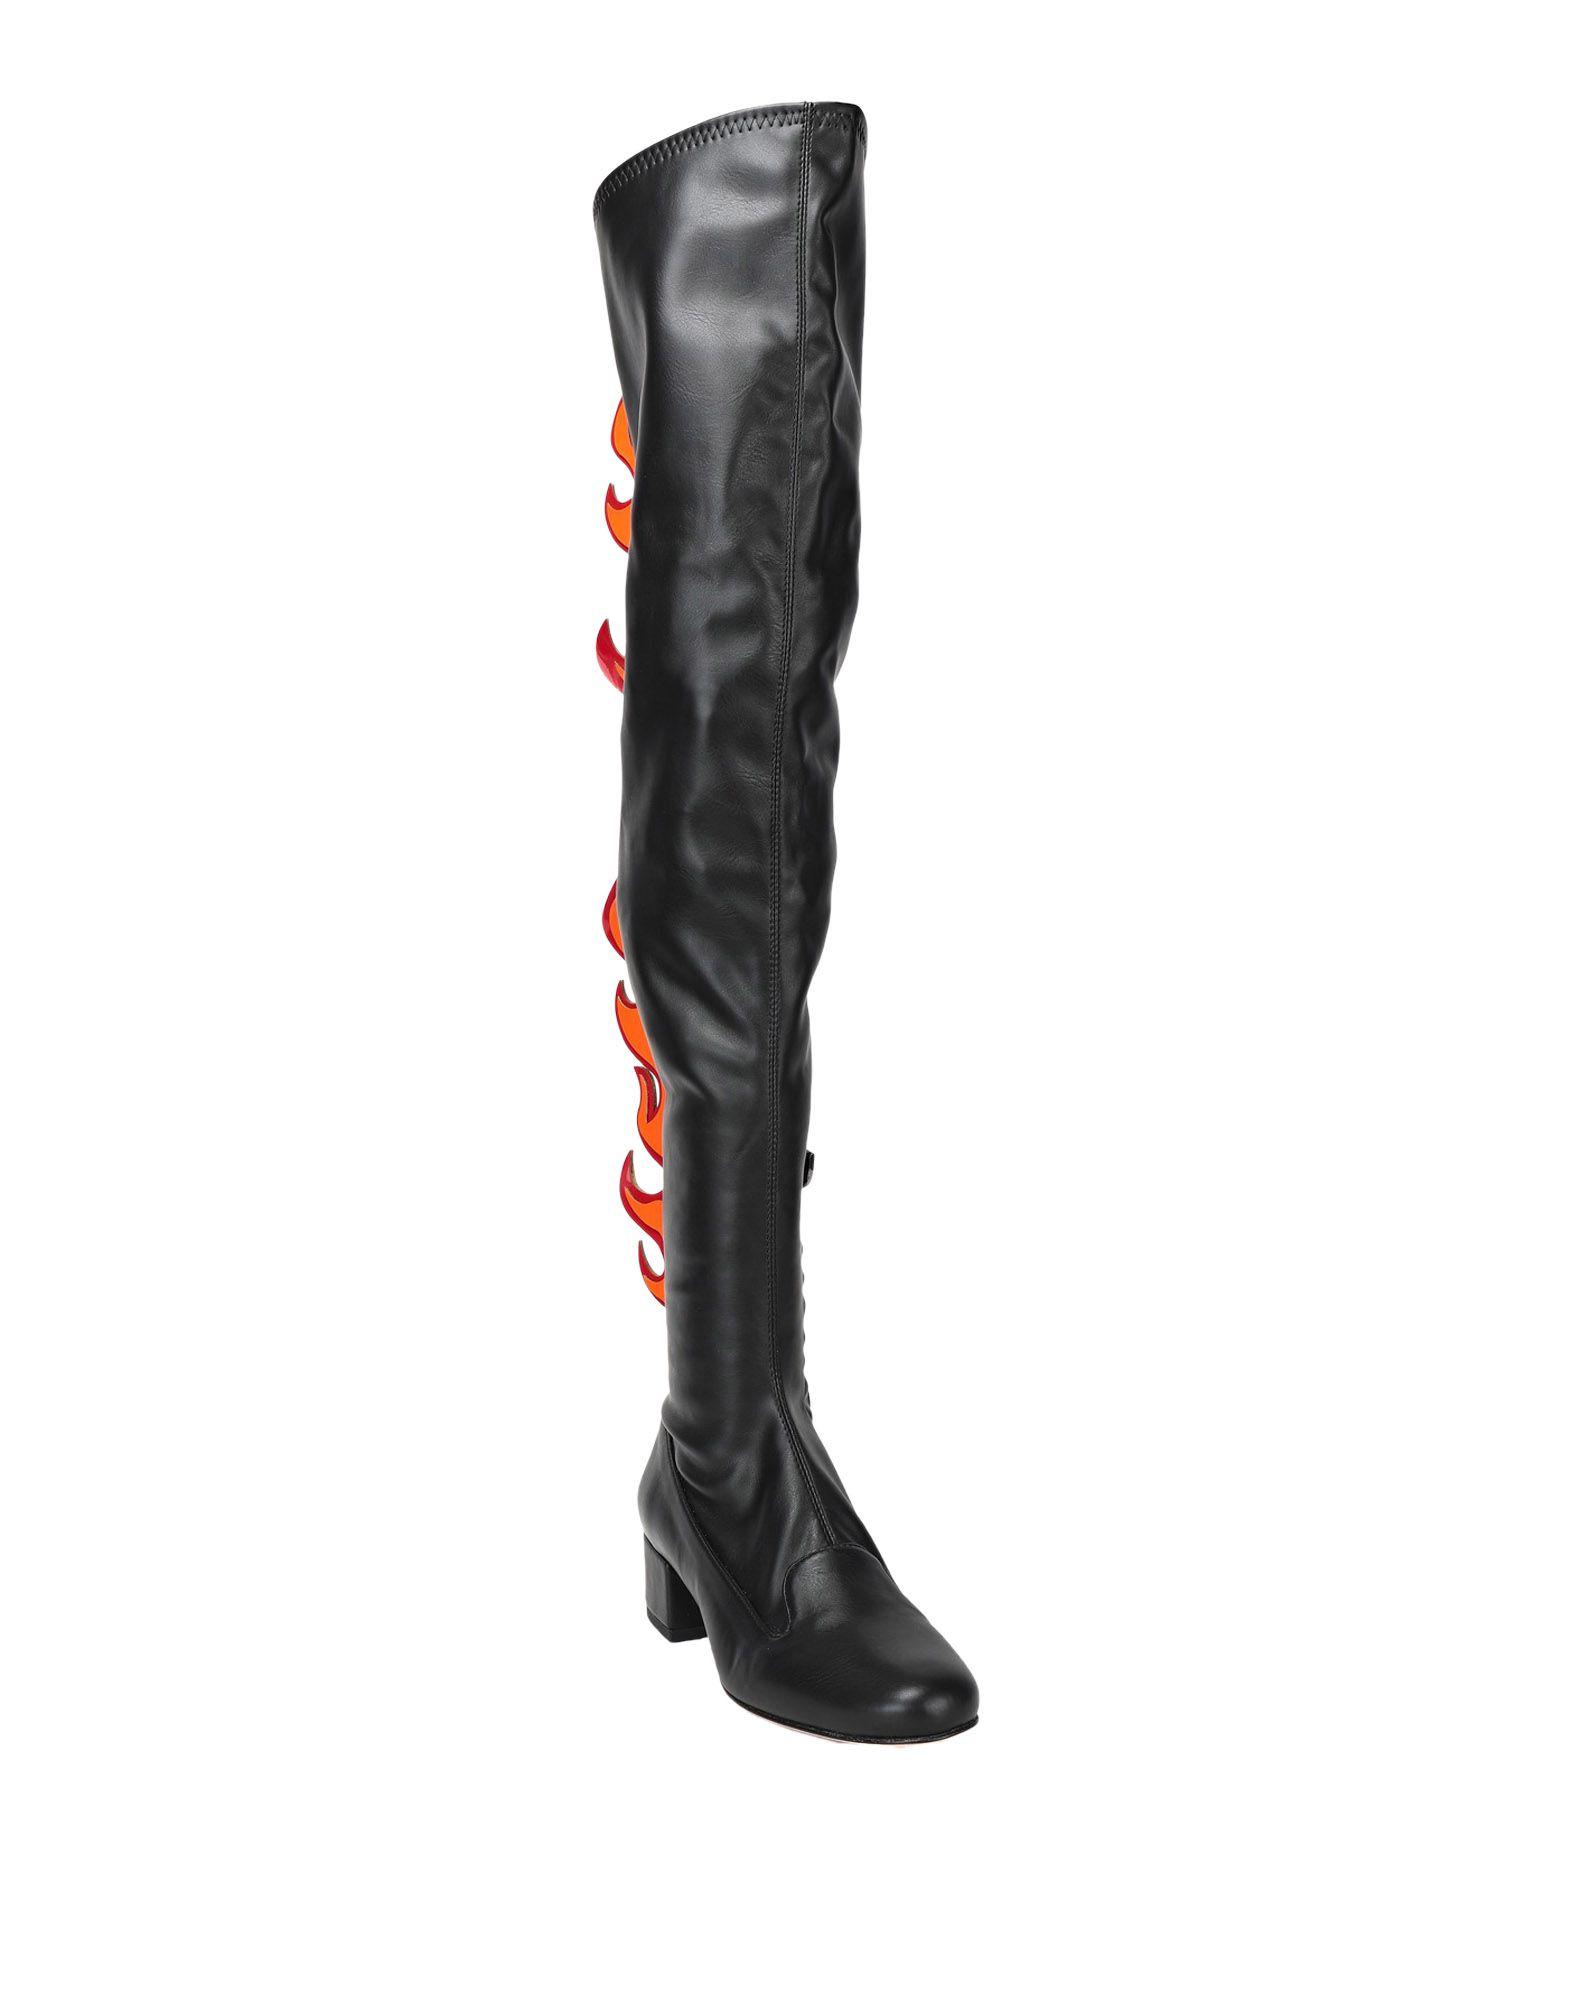 Rabatt Damen Schuhe Chiara Ferragni Stiefel Damen Rabatt  11556146MK 96bd78